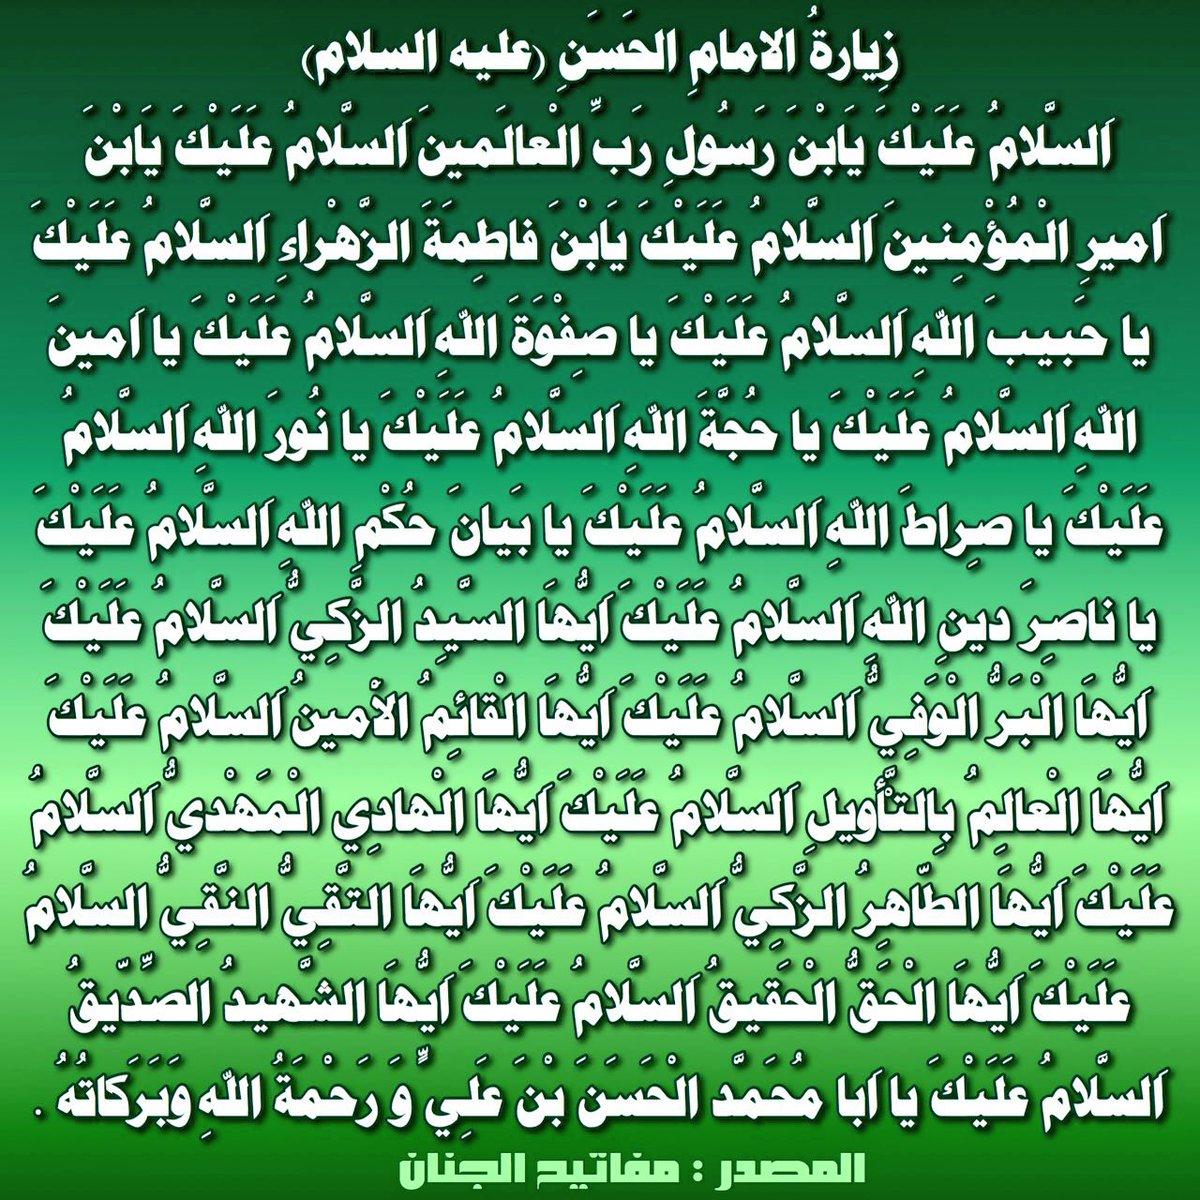 معارف أهل البيت En Twitter شهر الله زيارة الامام الحسن بن علي بن أبي طالب عليهما السلام